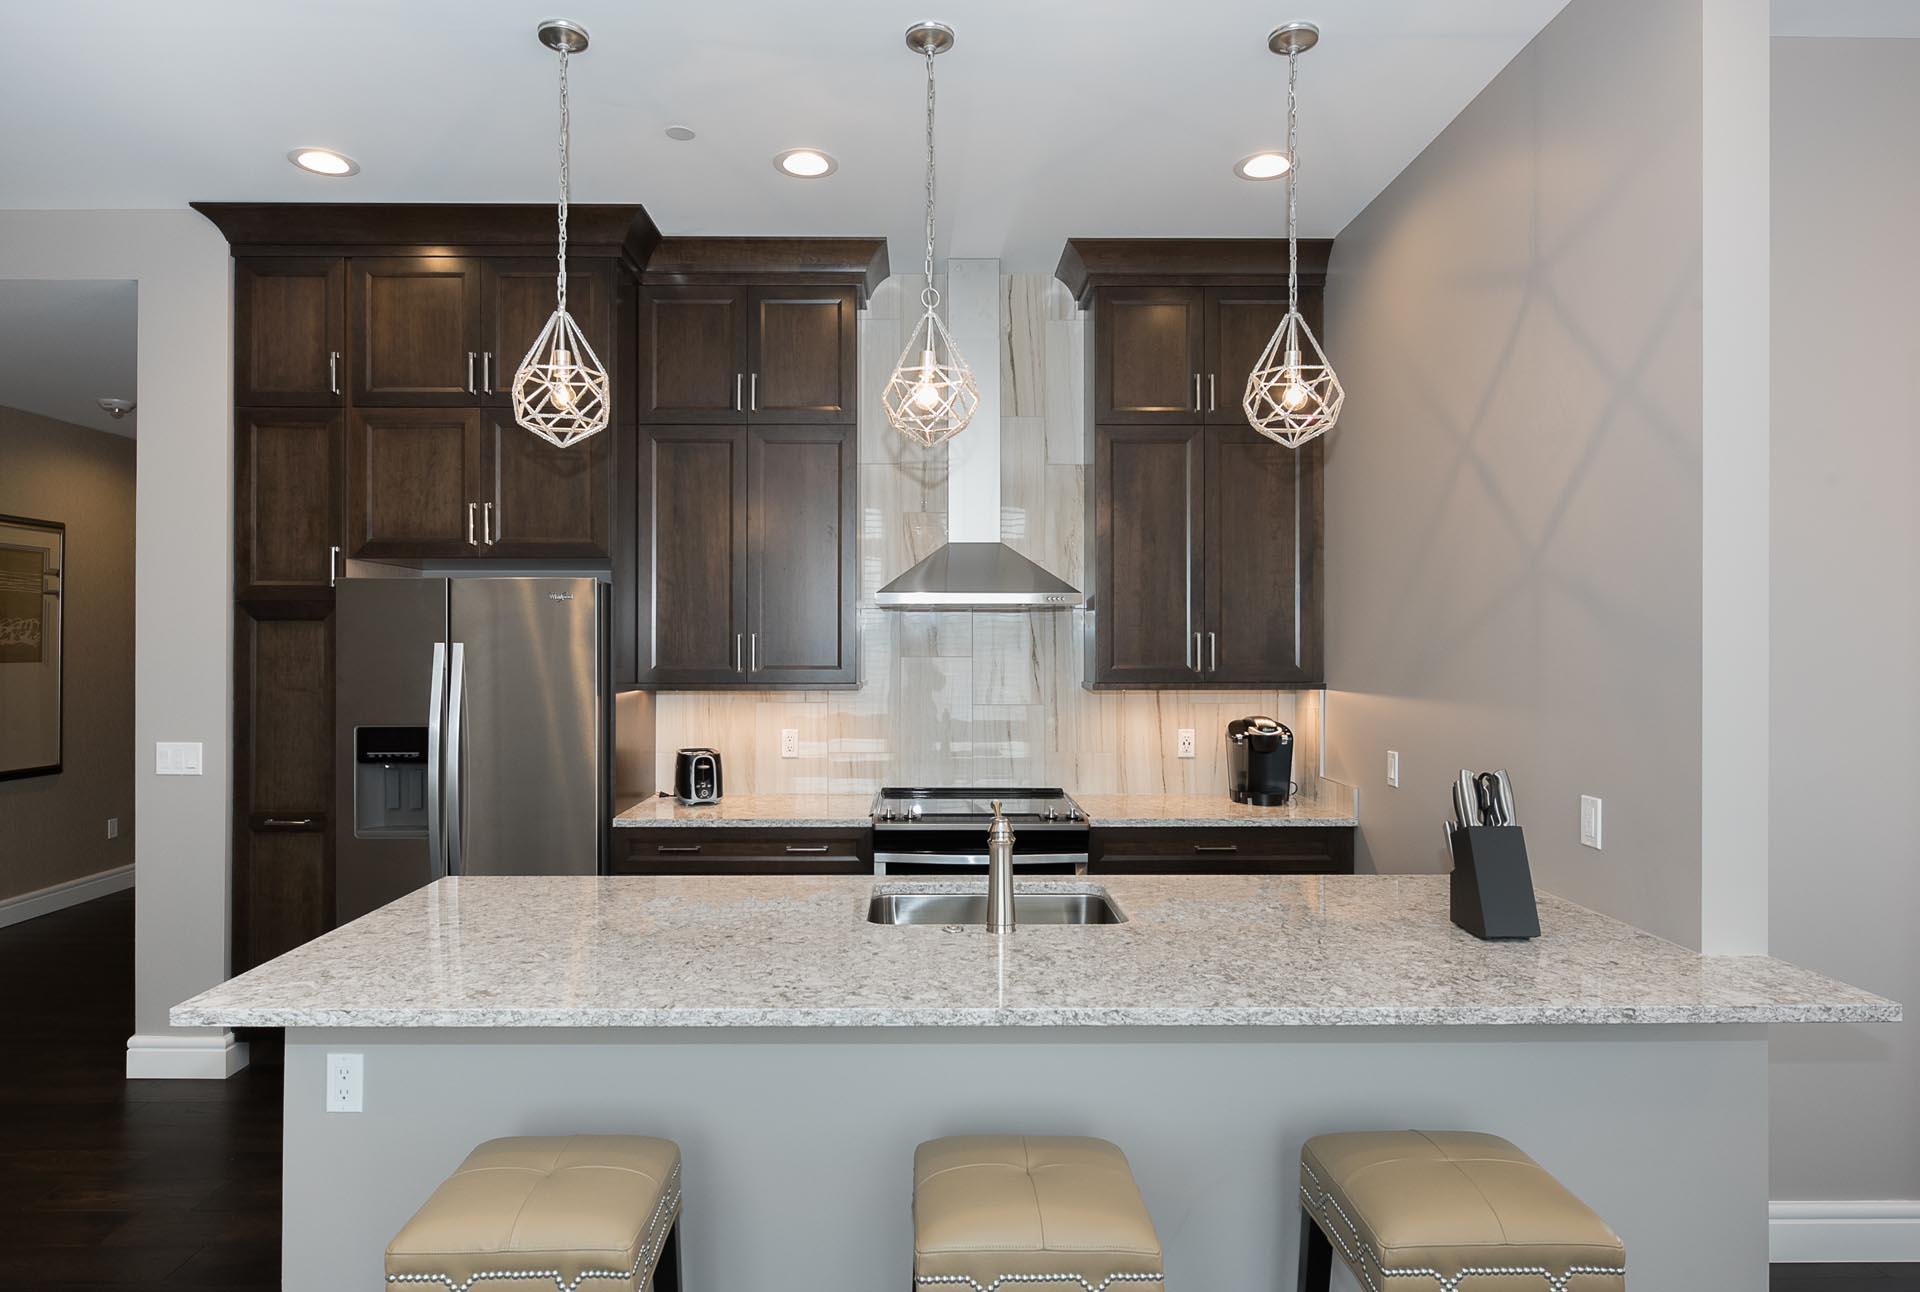 Condo Kitchen Design | H Residence | Midland, MI